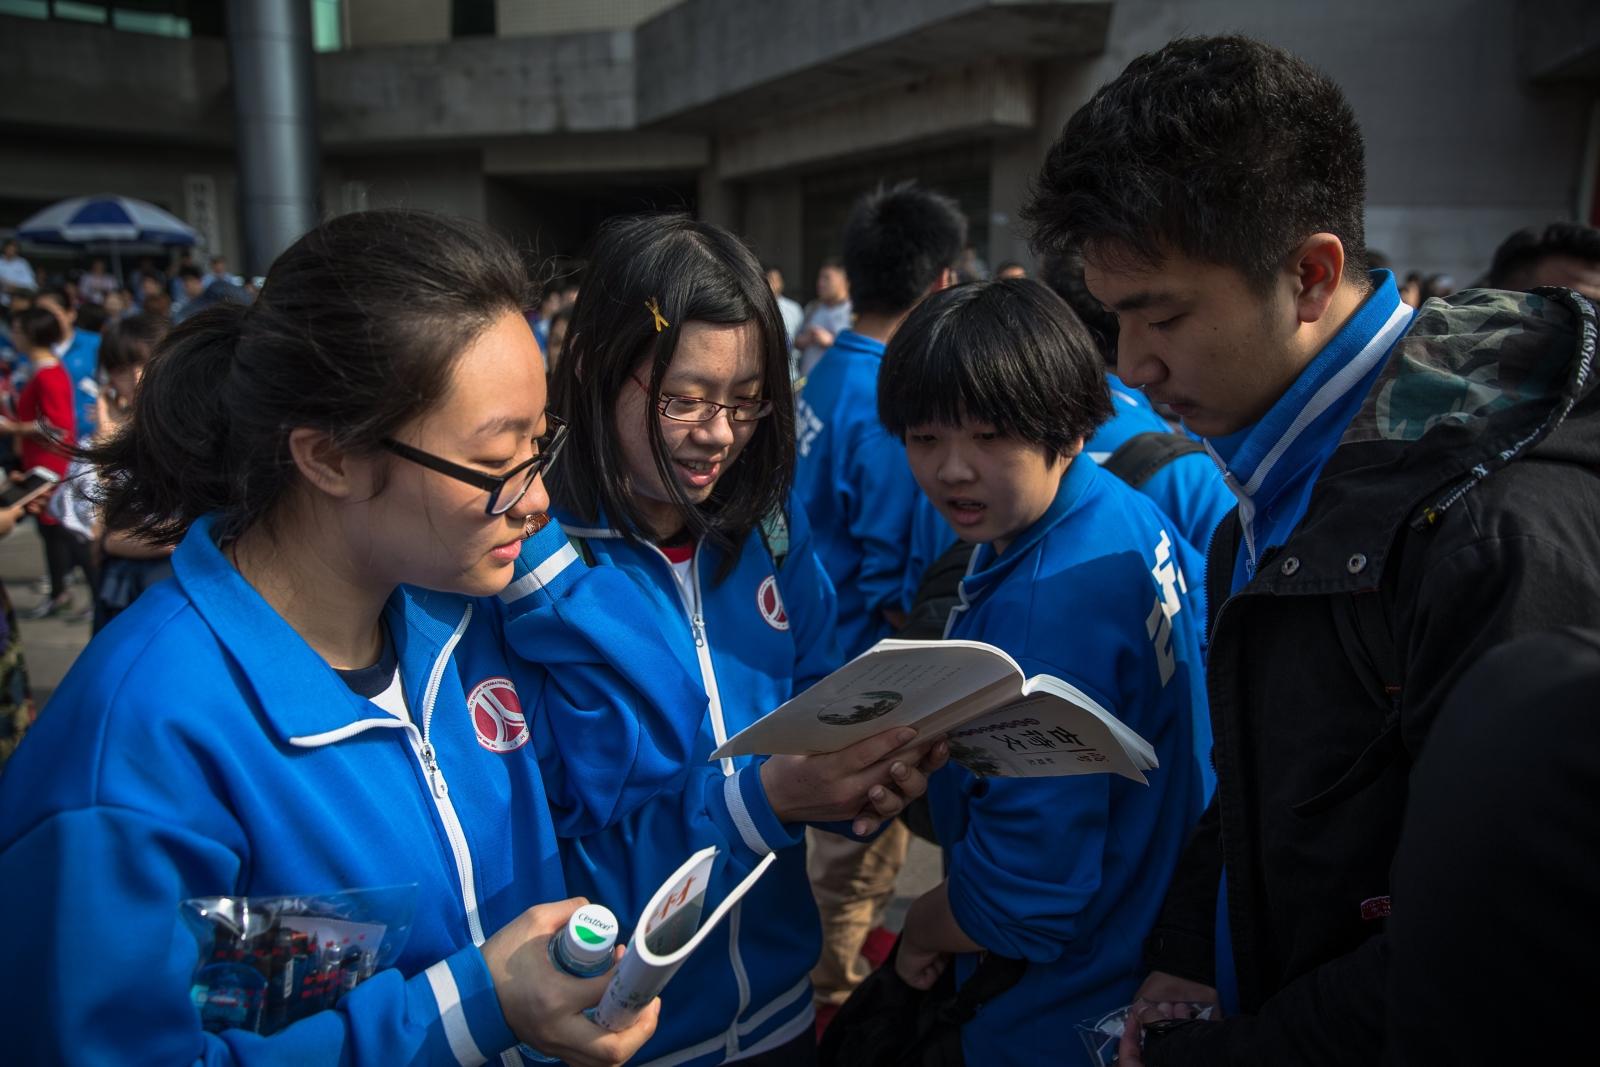 Studenci w Chinach przygotowują się do egzaminów, fot: PAP/EPA / Roman Pilipey